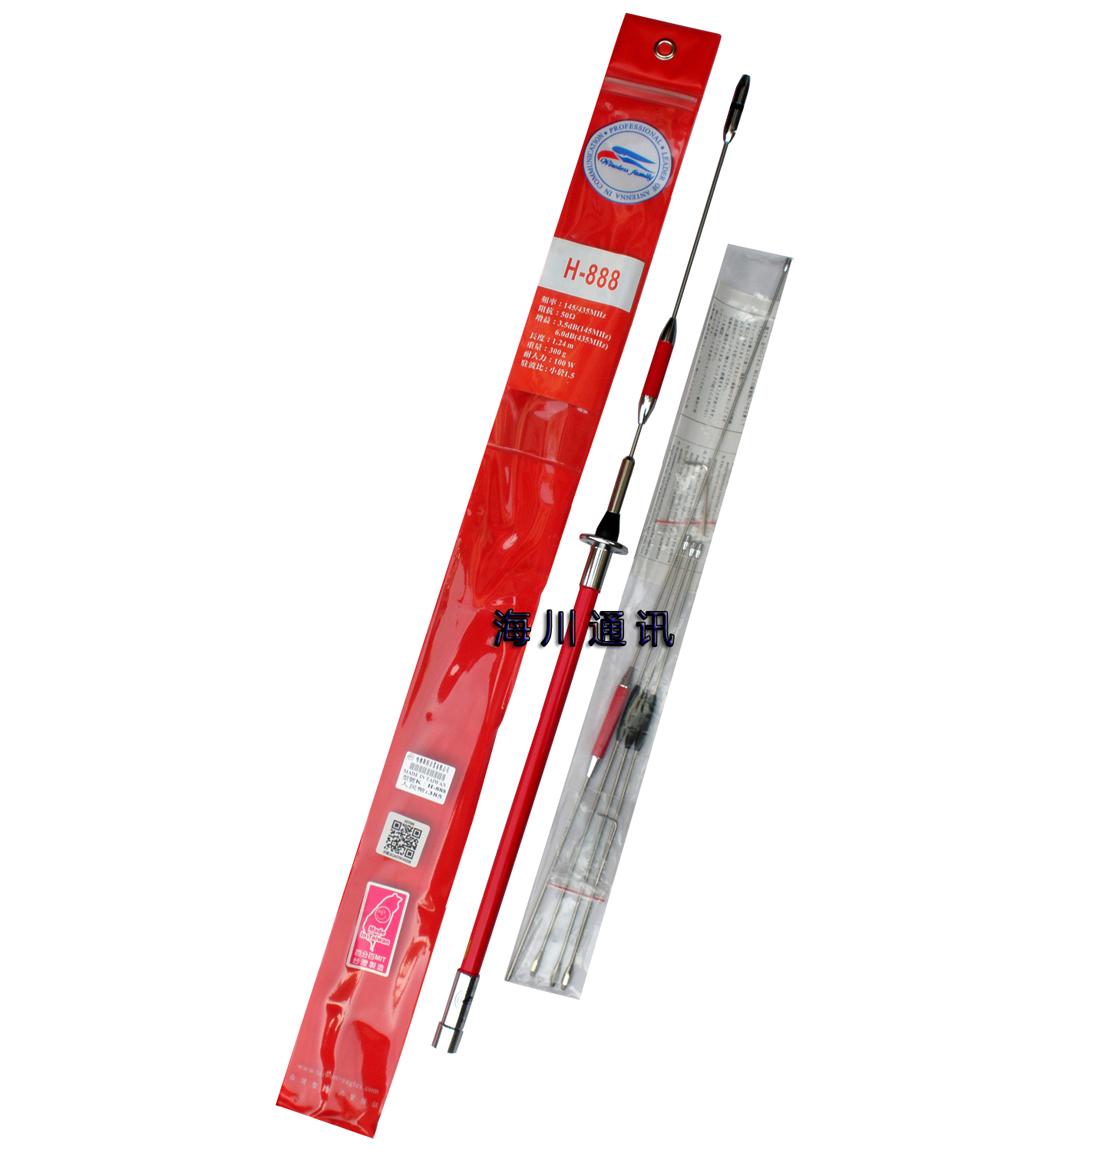 Аксессуары для переговорных устройств   HAR-888 UV H888 аксессуары для переговорных устройств kg uvd1p uv 6d 689 1700